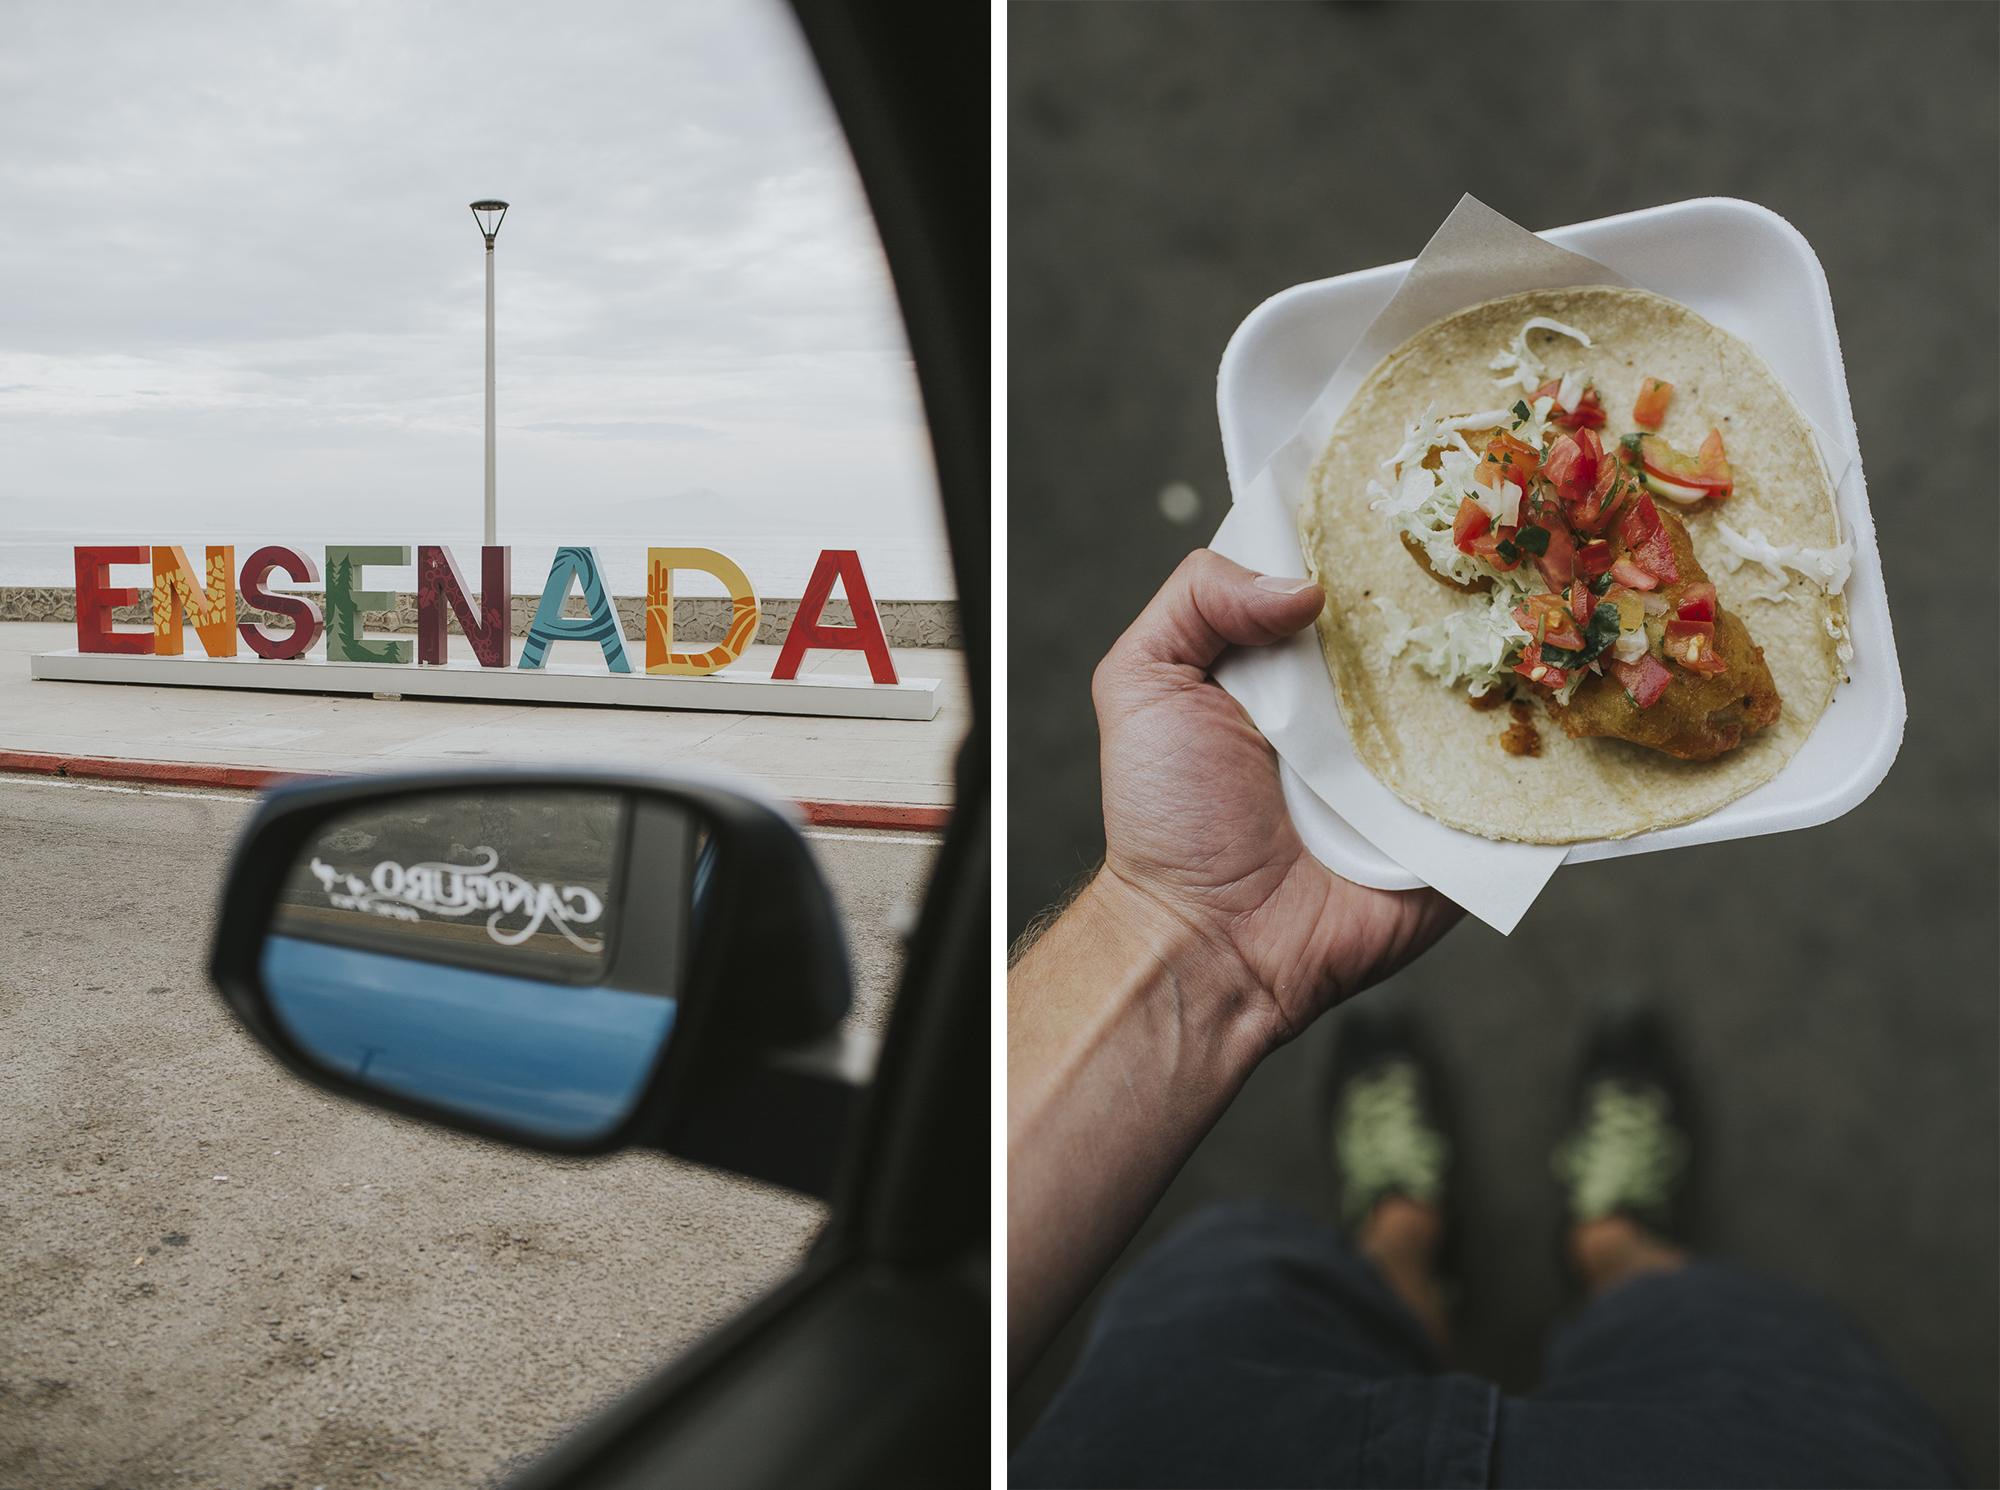 Ensenada Mexico for tacos